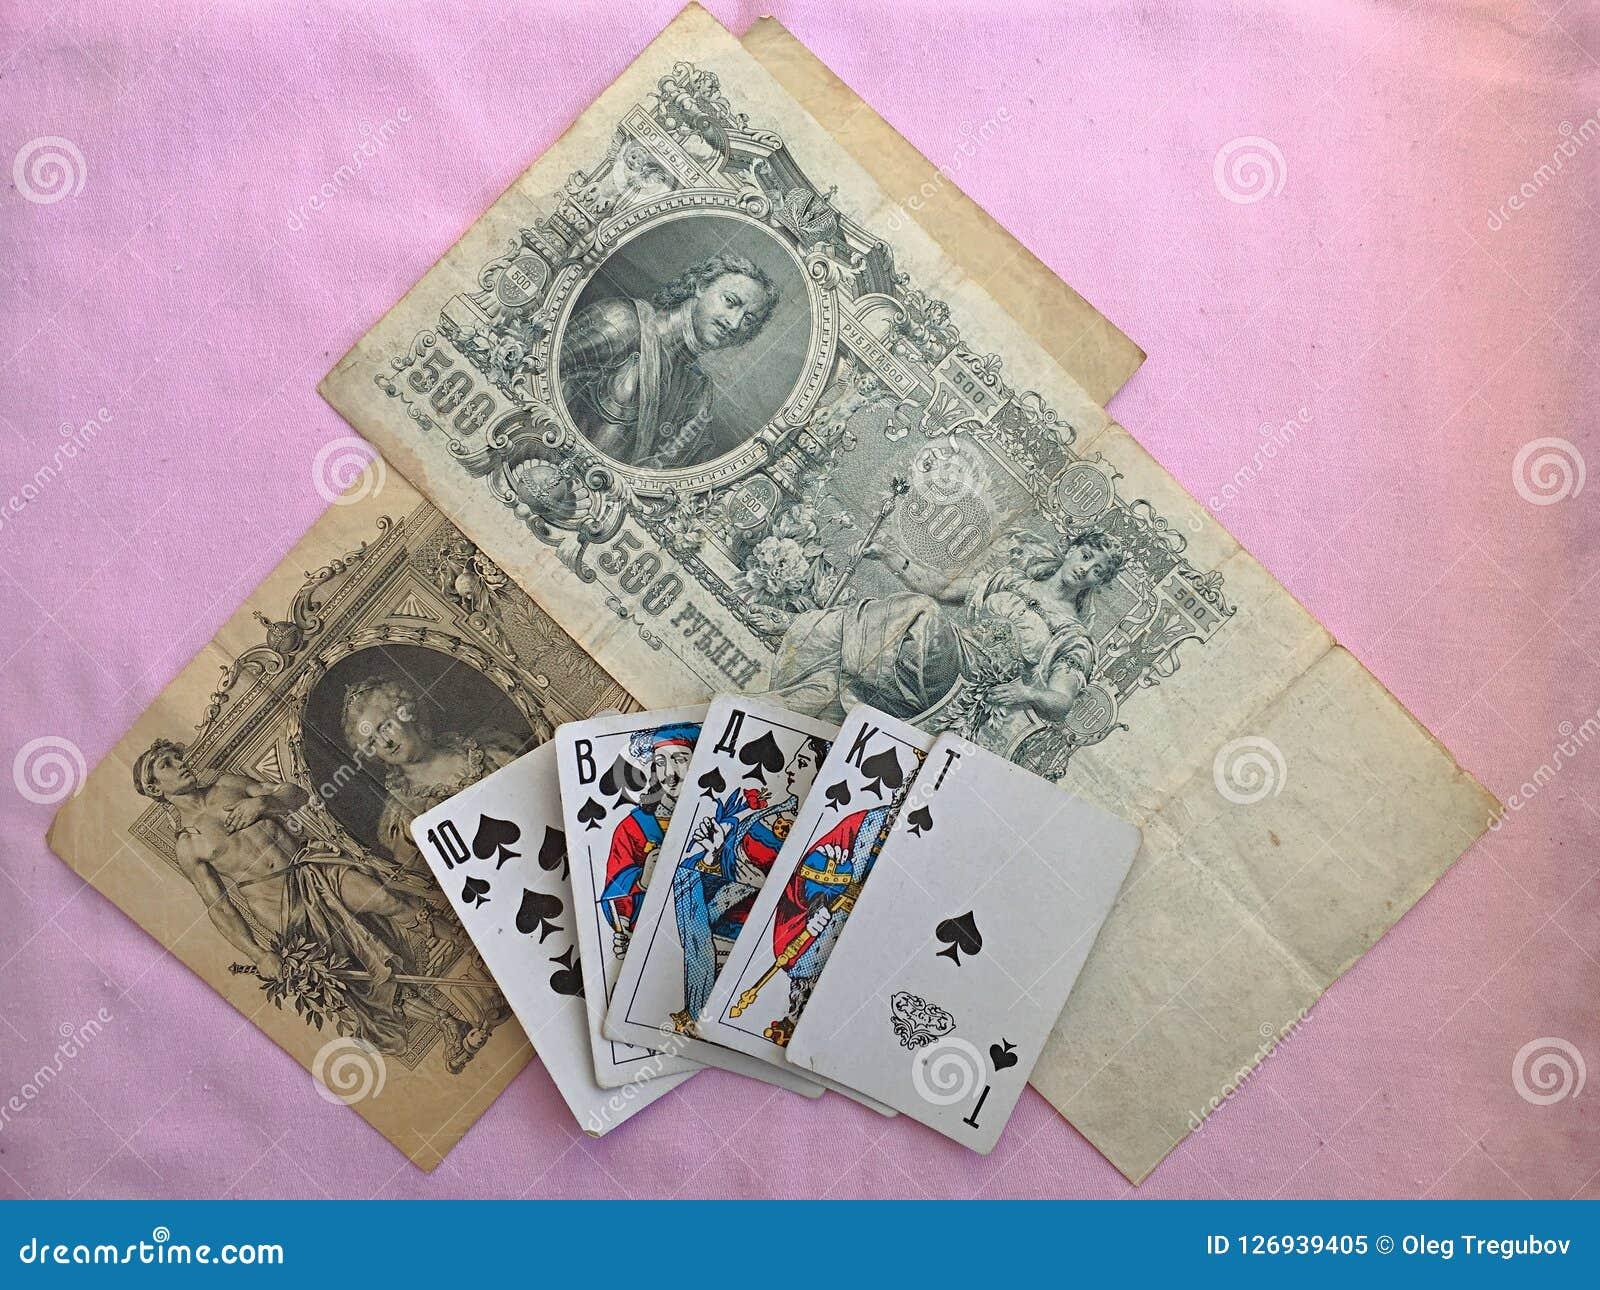 Luck in poker-Royal flush